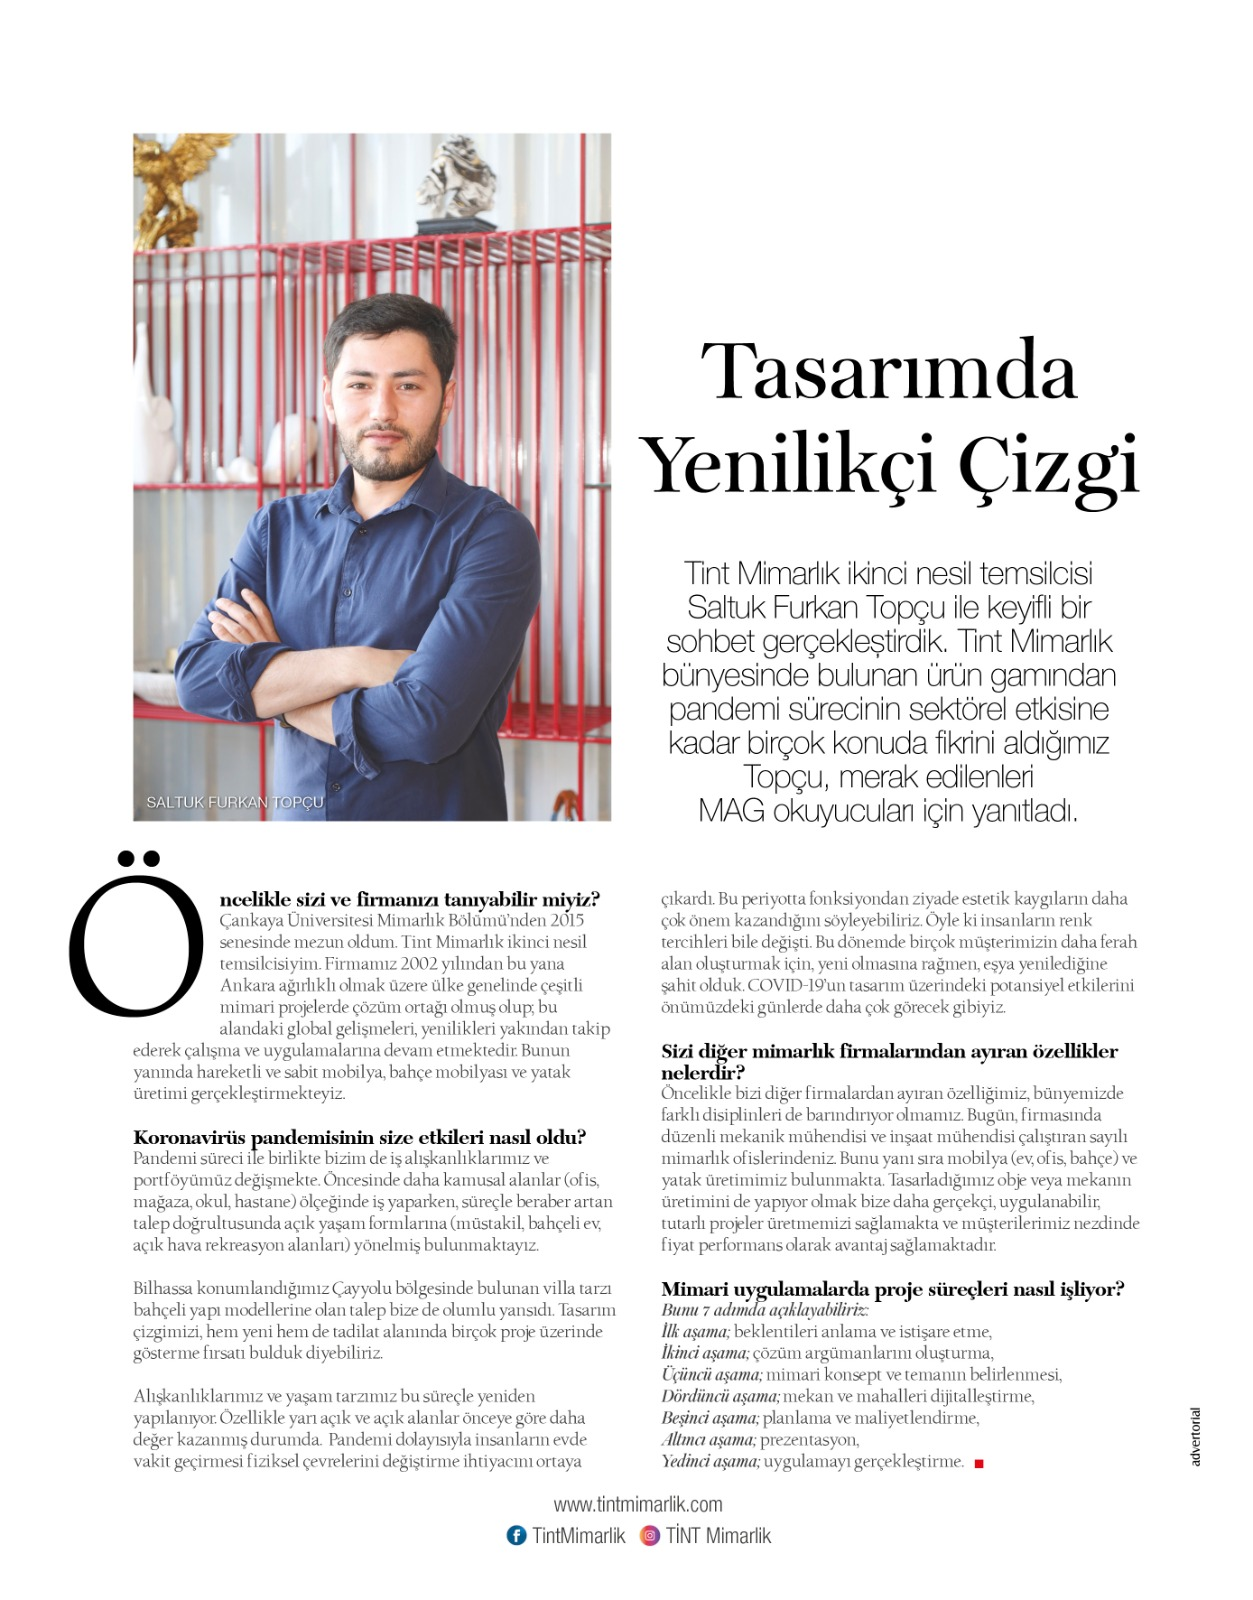 Tasarımda Yenilikçi Çizgi, Mag Dergisi Röportajı